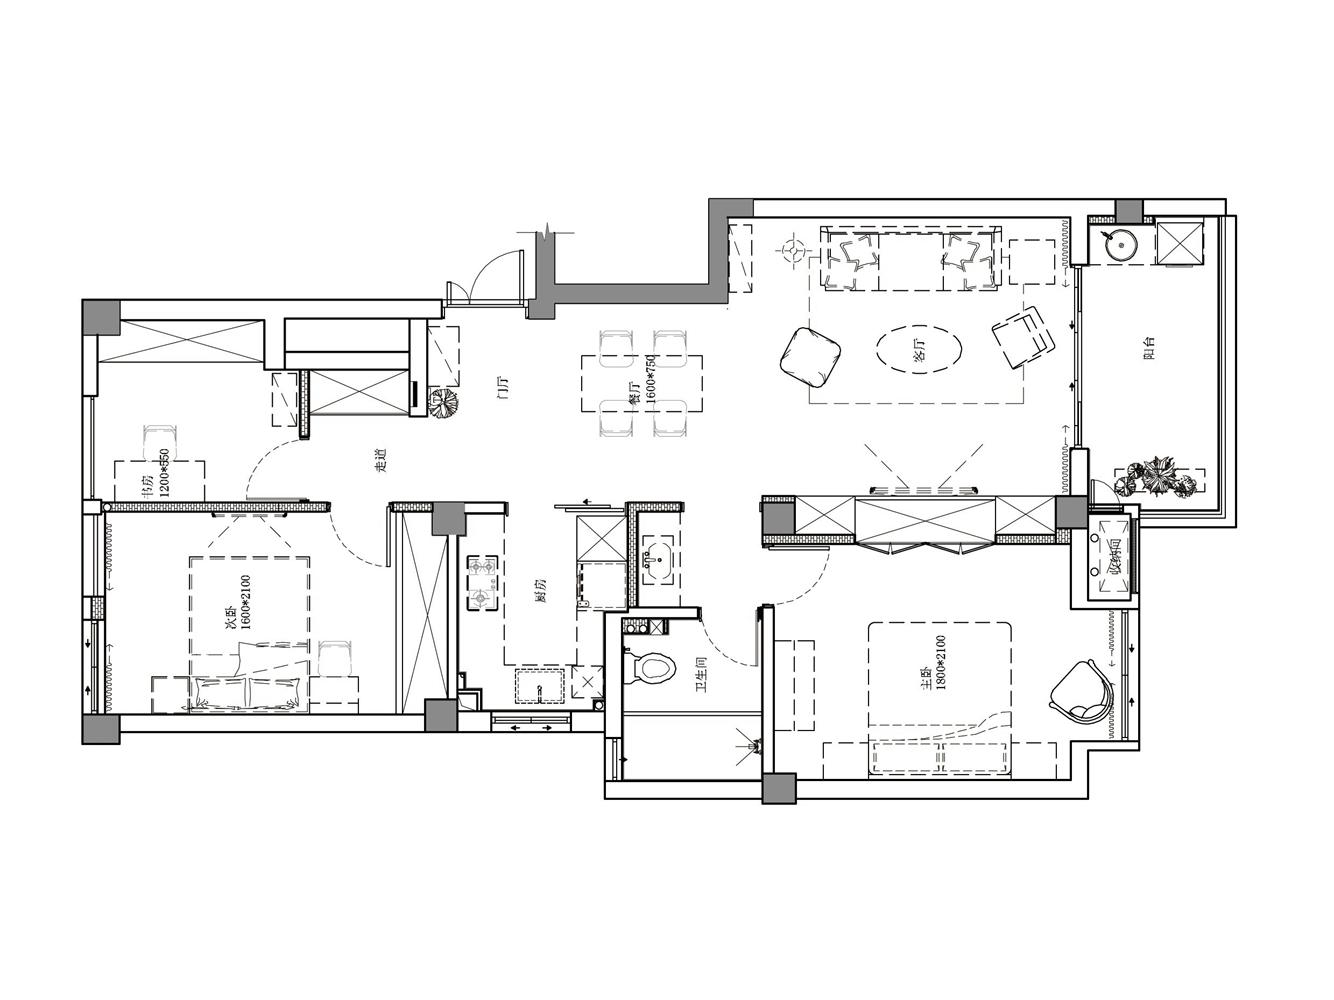 户型方正,两厅相连,一进门空间视觉开阔,采光好通风好,居住舒适。